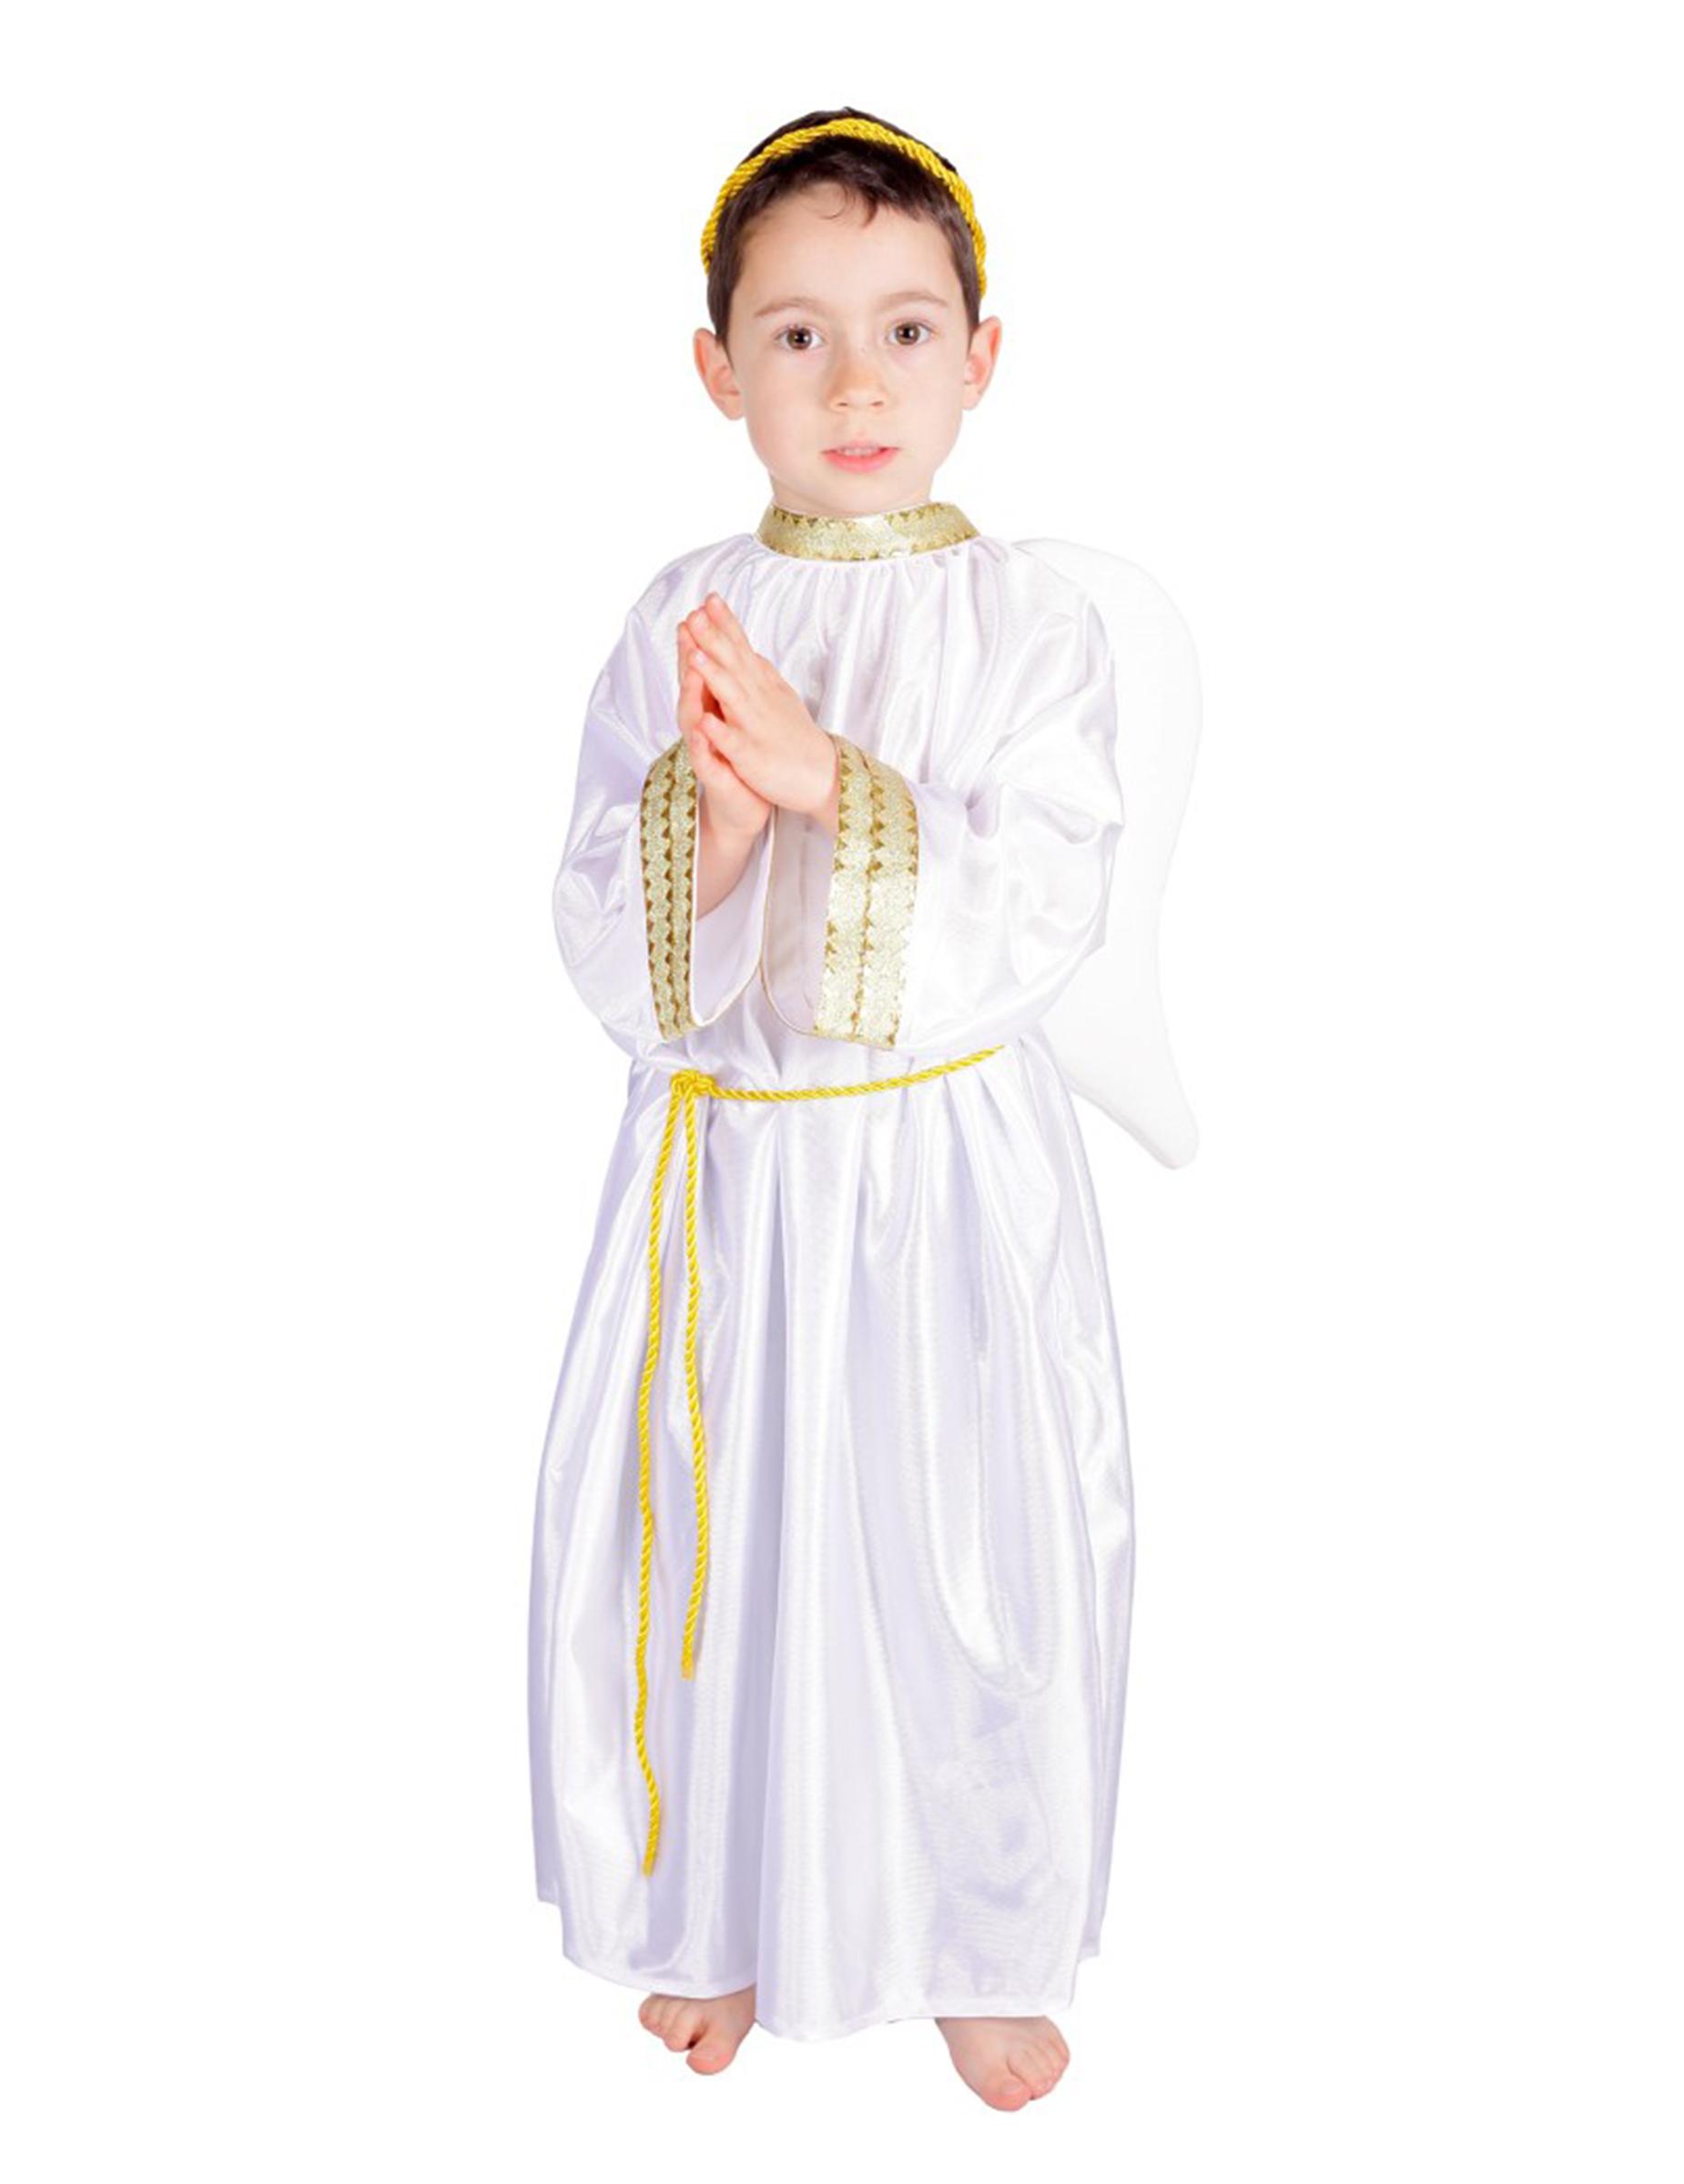 Disfraz ngel ni o disfraces ni os y disfraces originales - Disfraz de angel nino ...